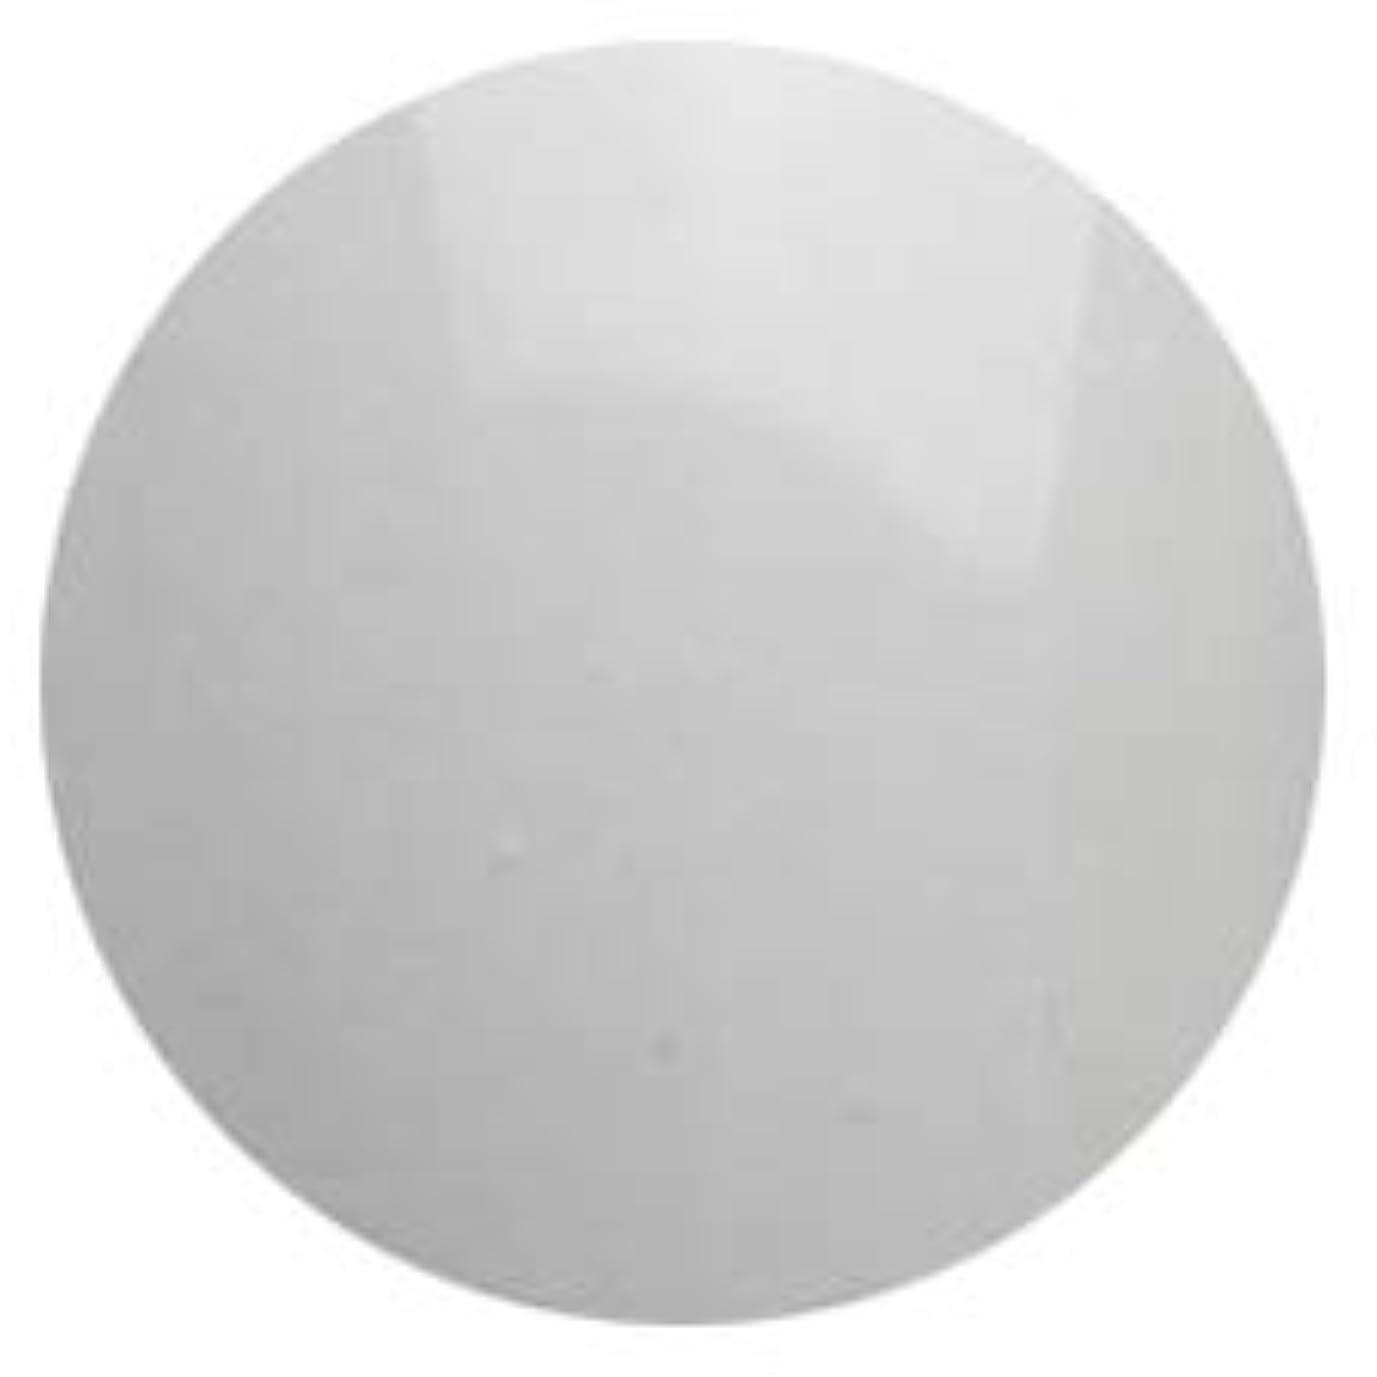 浸す修士号スリッパT-GEL COLLECTION カラージェル D121 ミルキーホワイト 4ml